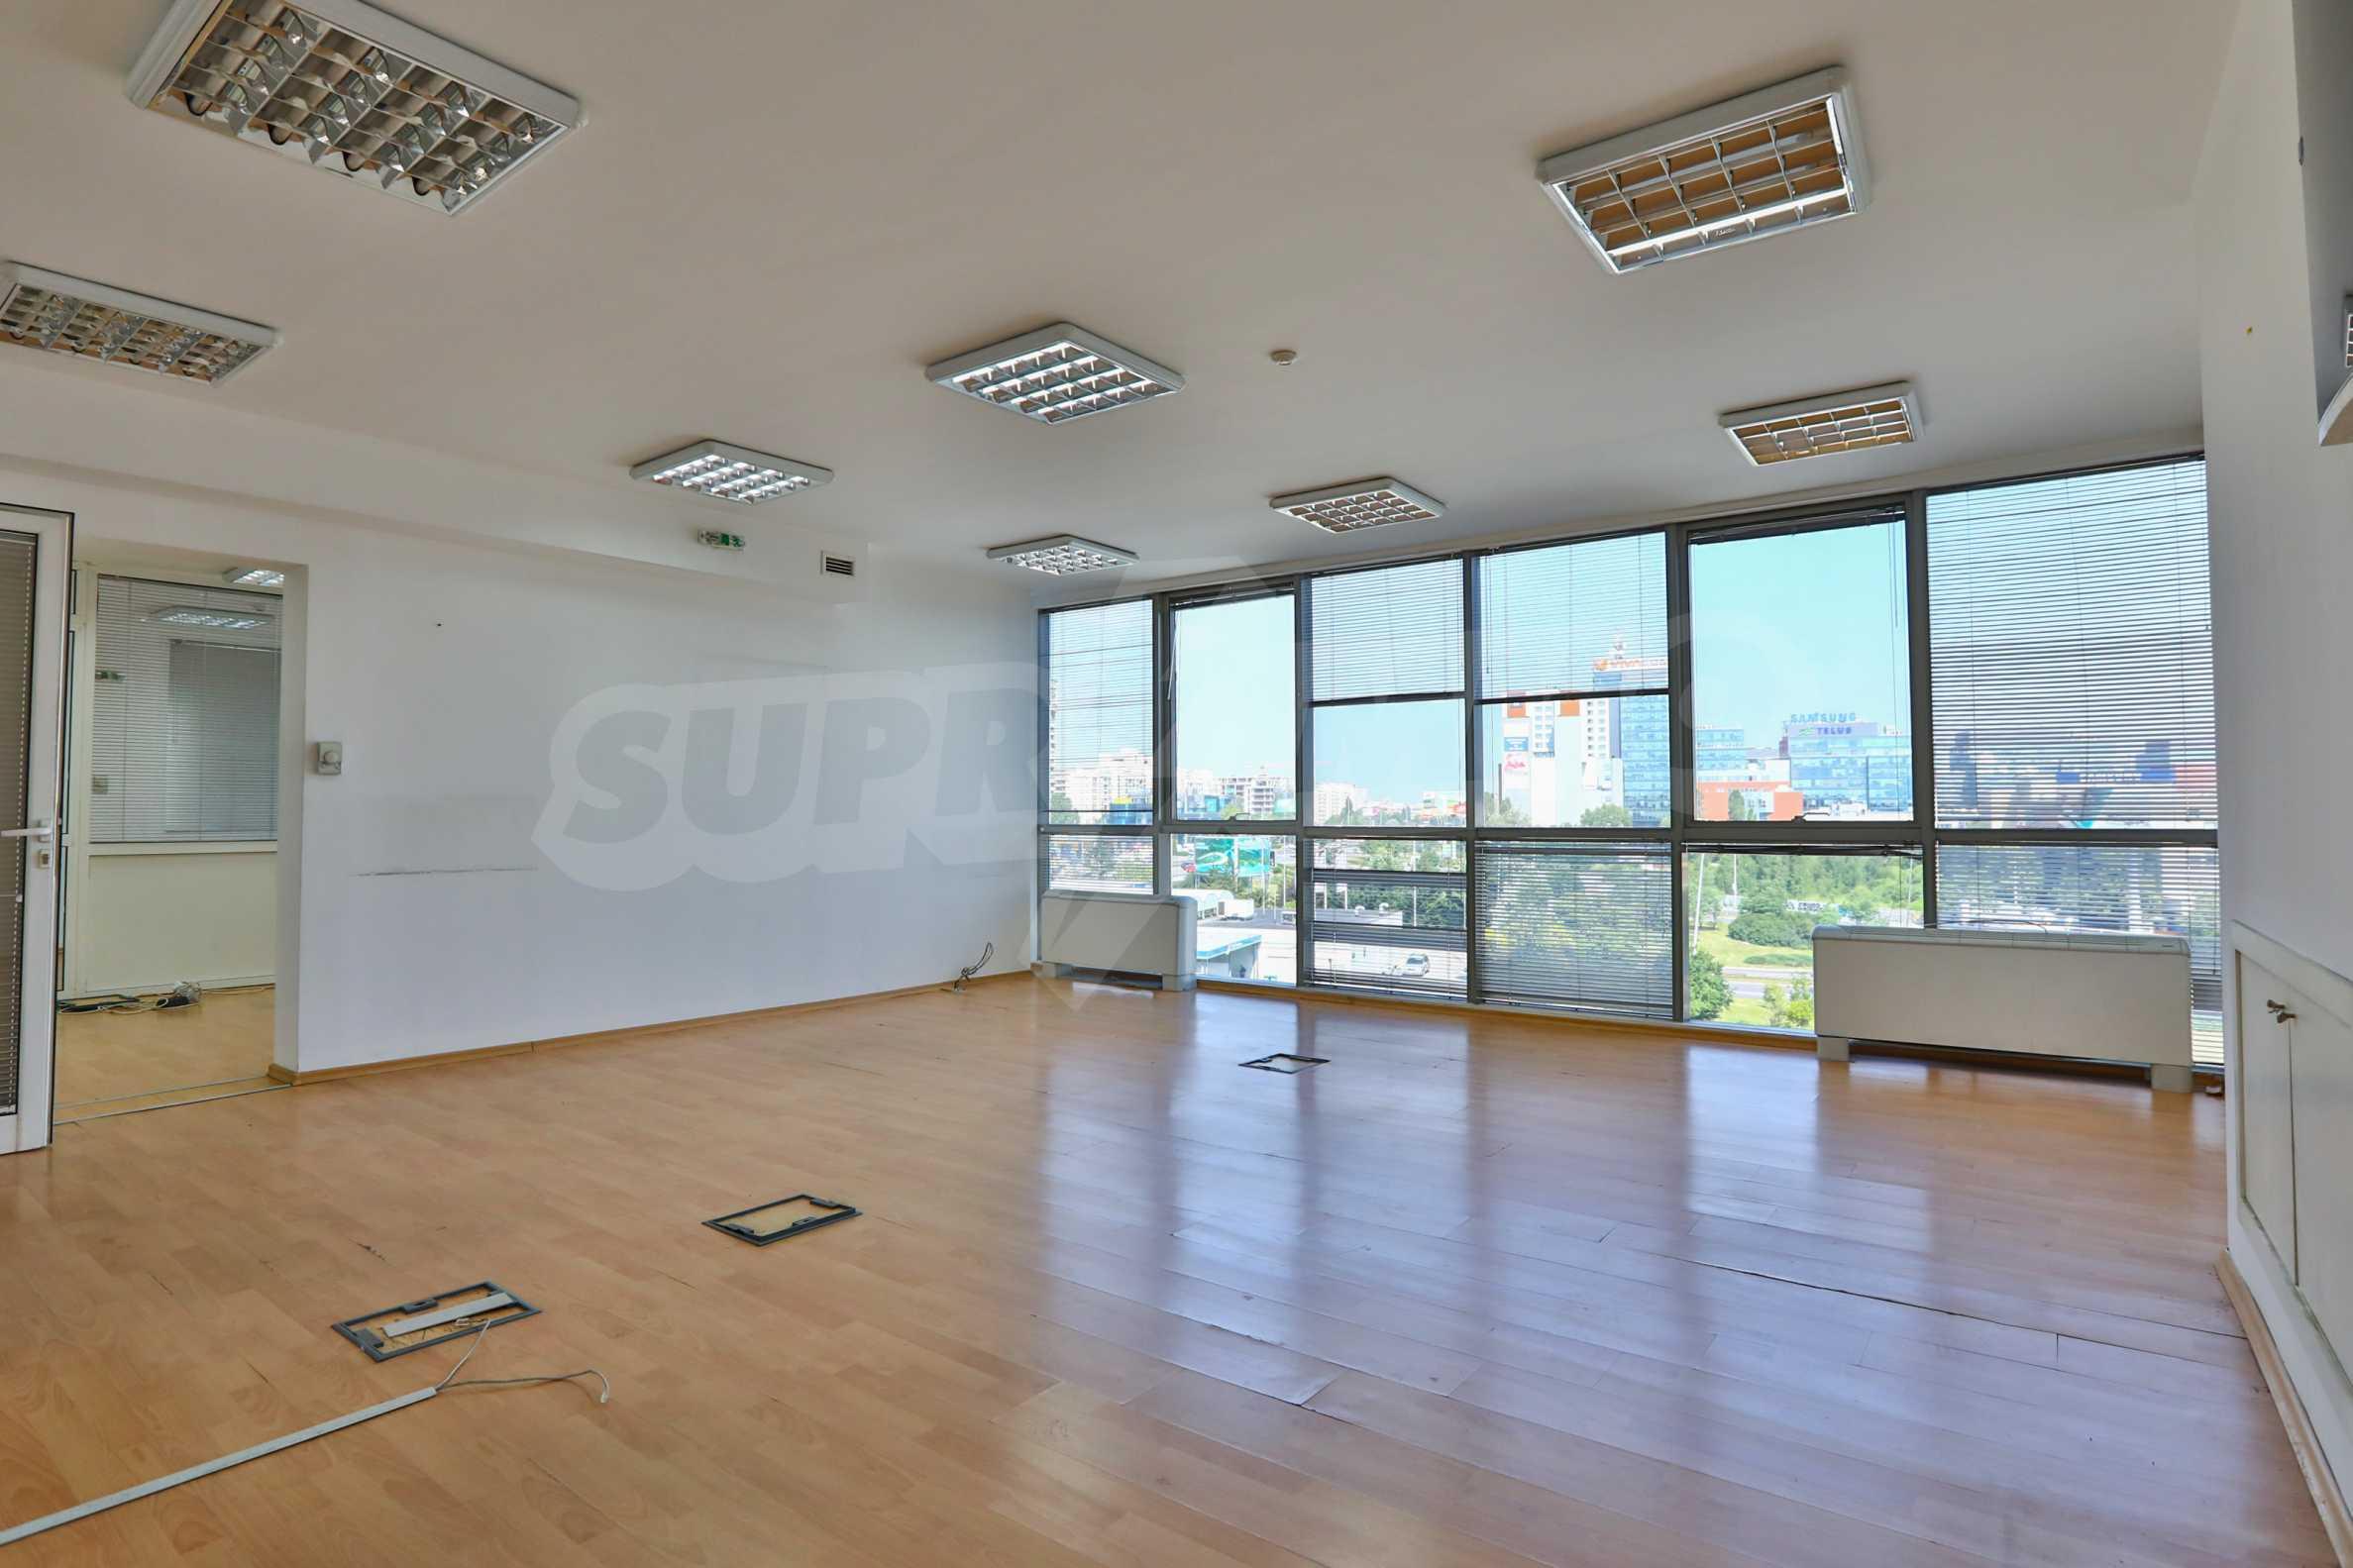 Голям офис в луксозна сграда на бул. Цариградско шосе 21